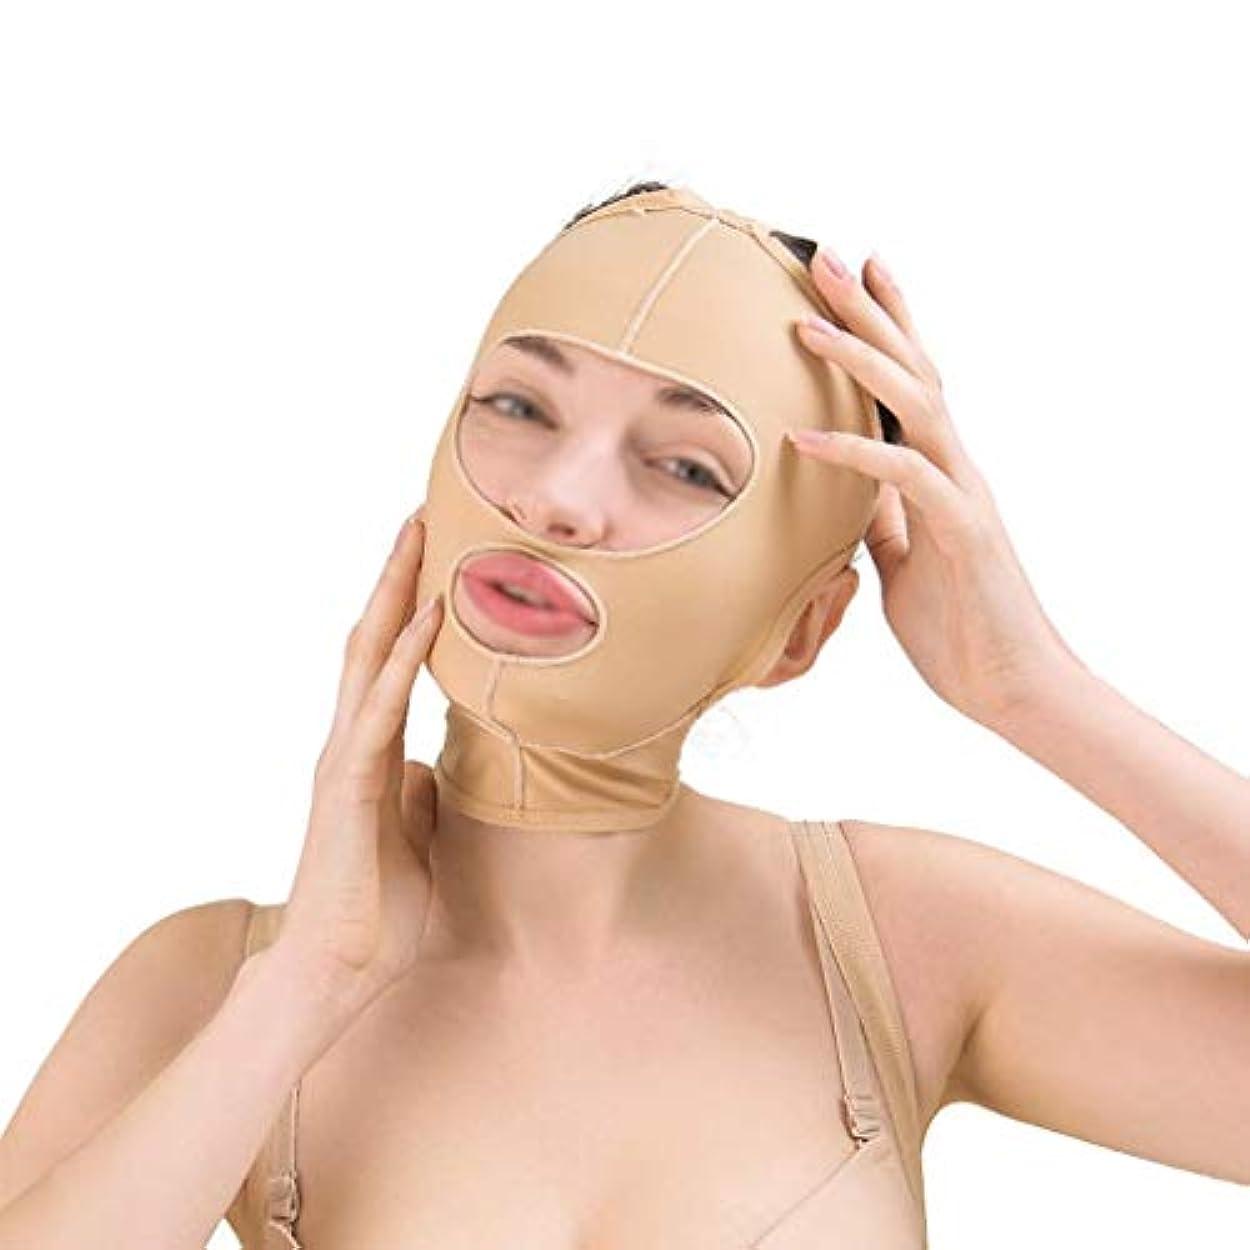 絶えずシガレットスペイン語美容フェイスリフト減量ベルト、ほおスリムフィット、通気性フェイスリフト、引き締め、リフティング包帯、フェイシャルスキン包帯(サイズ:M),XL